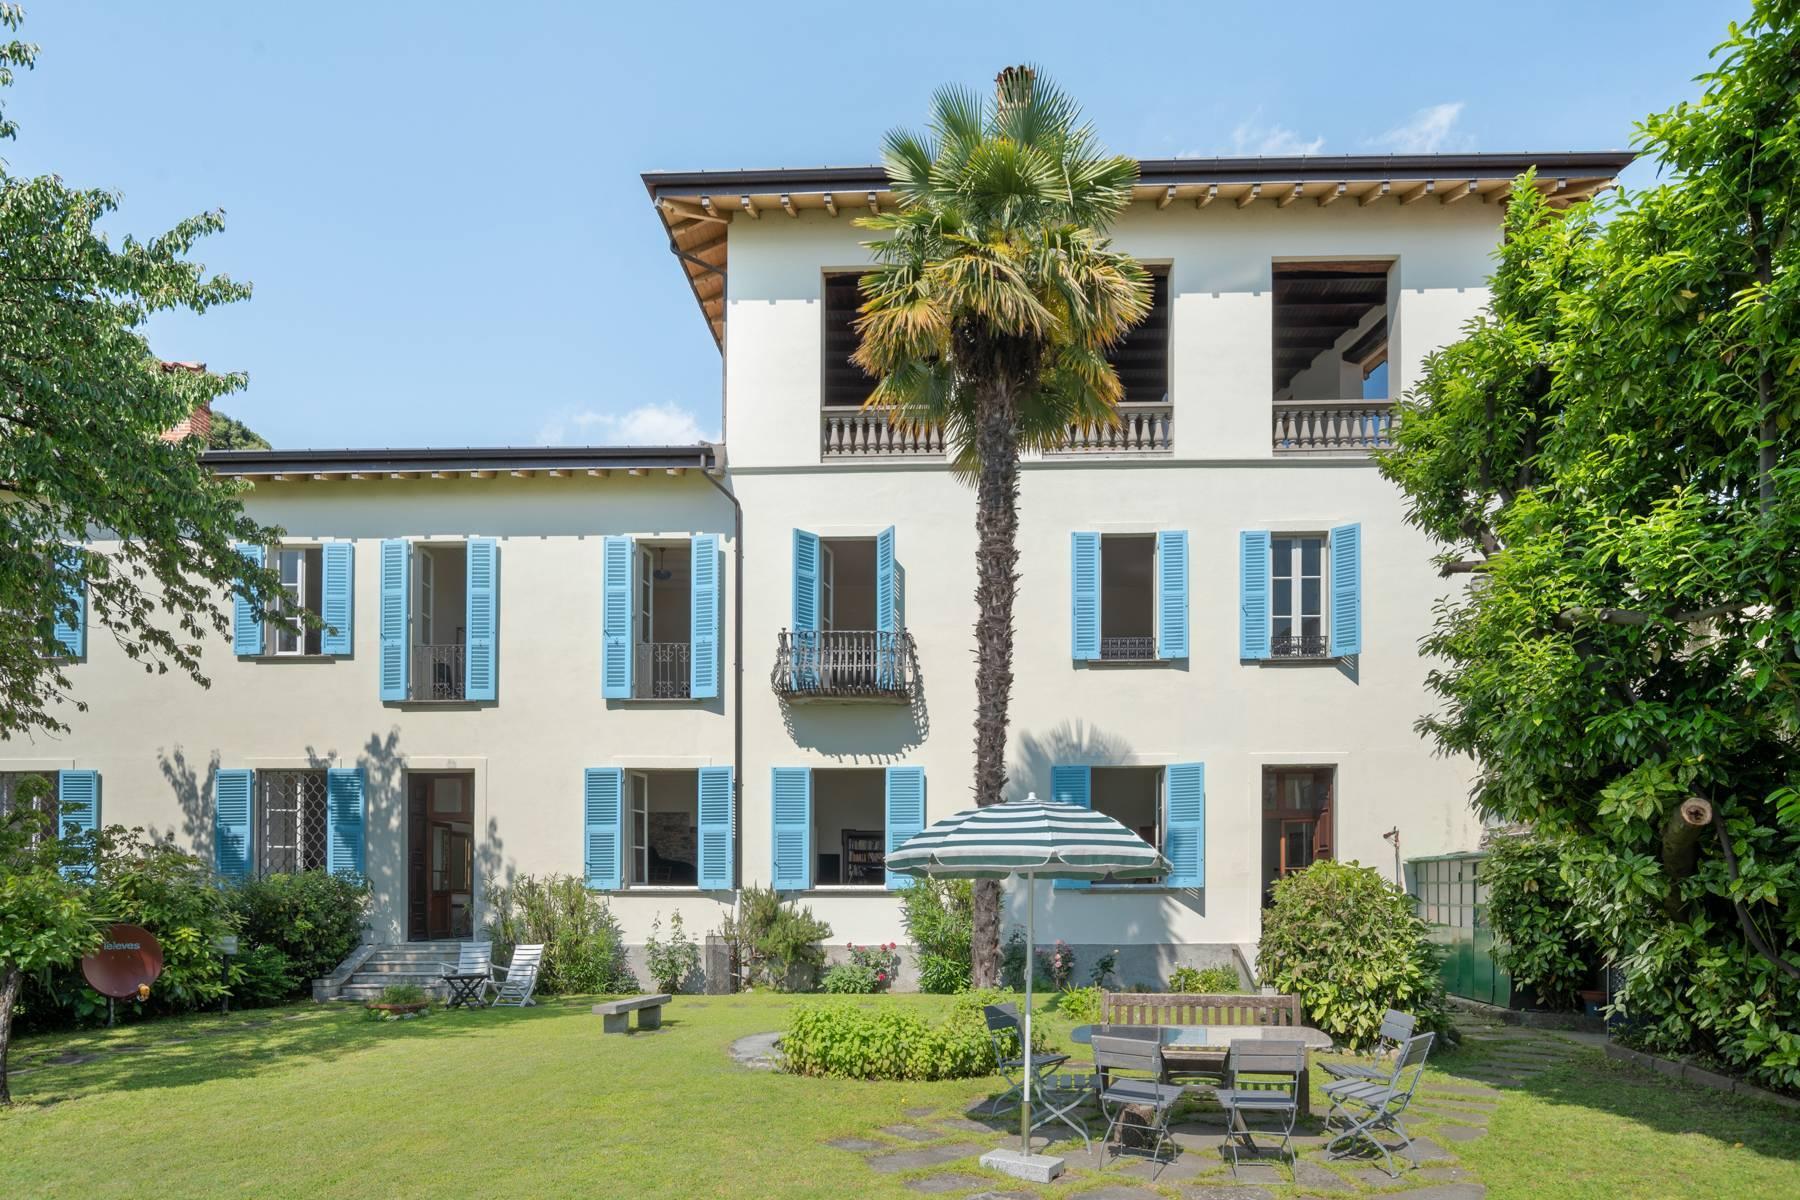 Casa storica direttamente sul lago Maggiore - 6